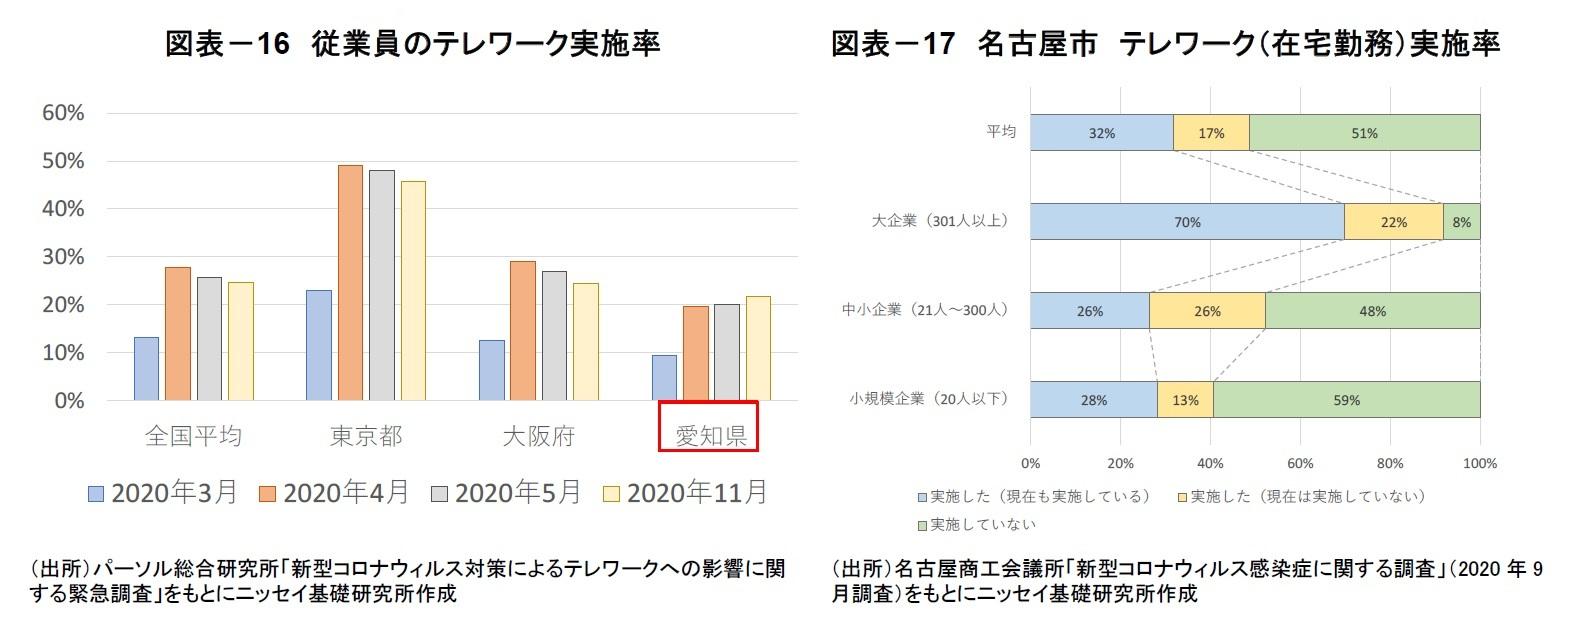 図表-16 従業員のテレワーク実施率/図表-17 名古屋市 テレワーク(在宅勤務)実施率